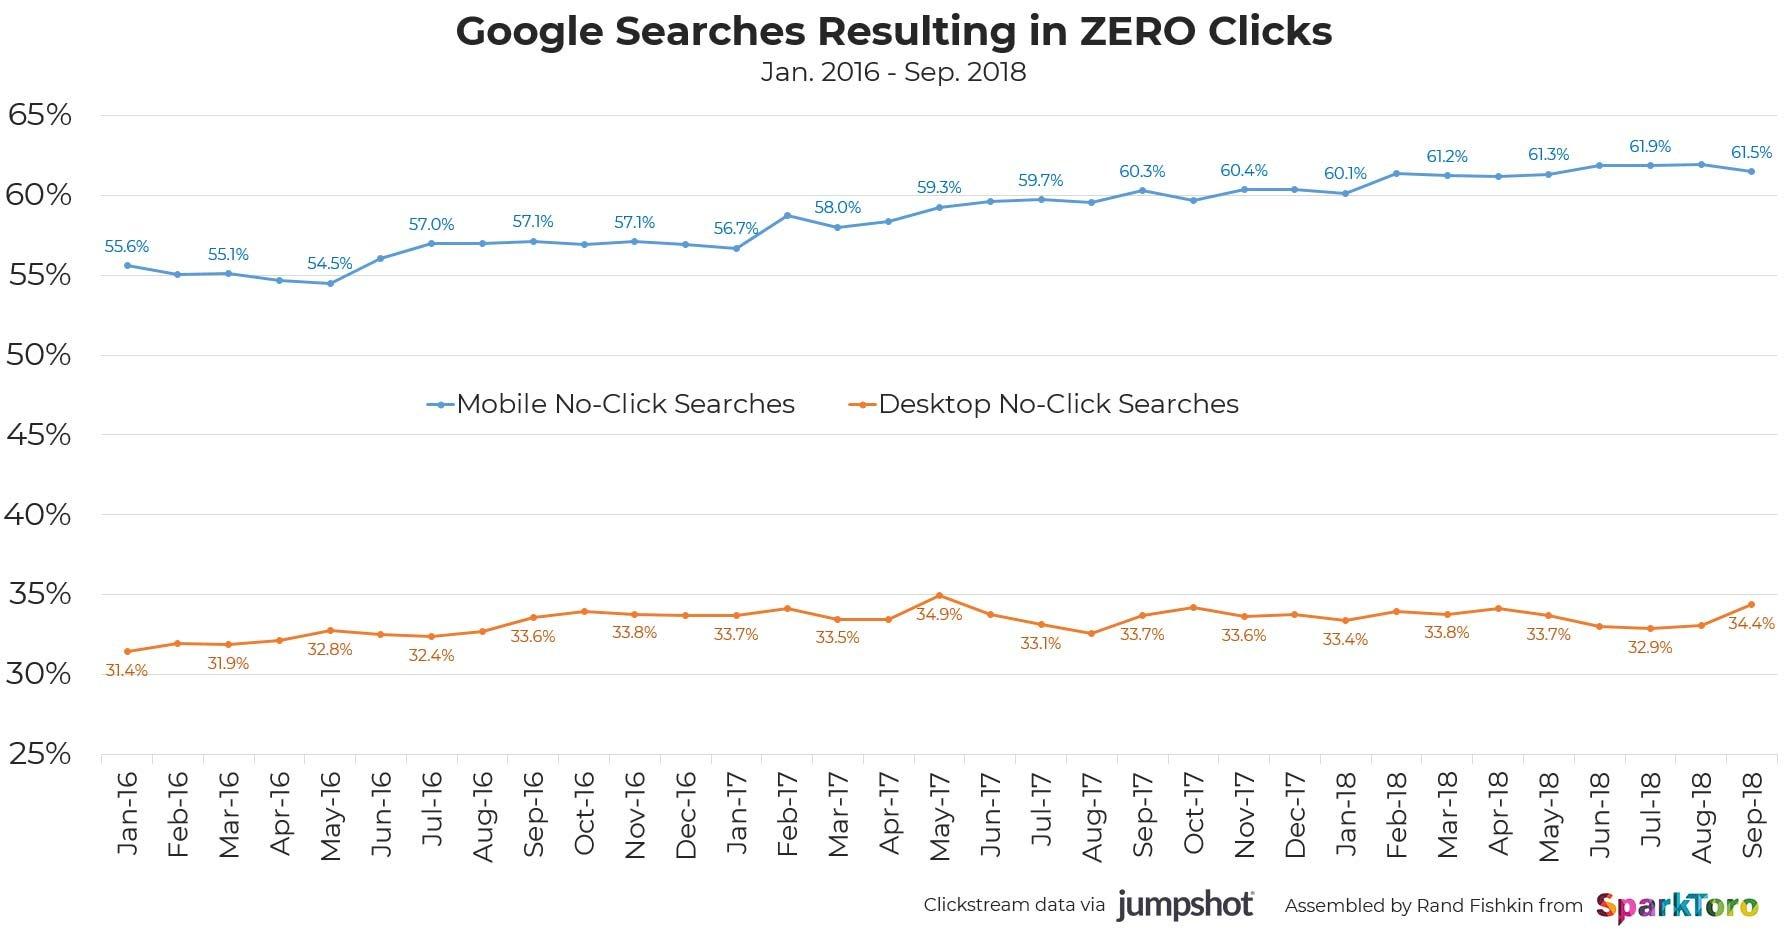 google search resulting zero